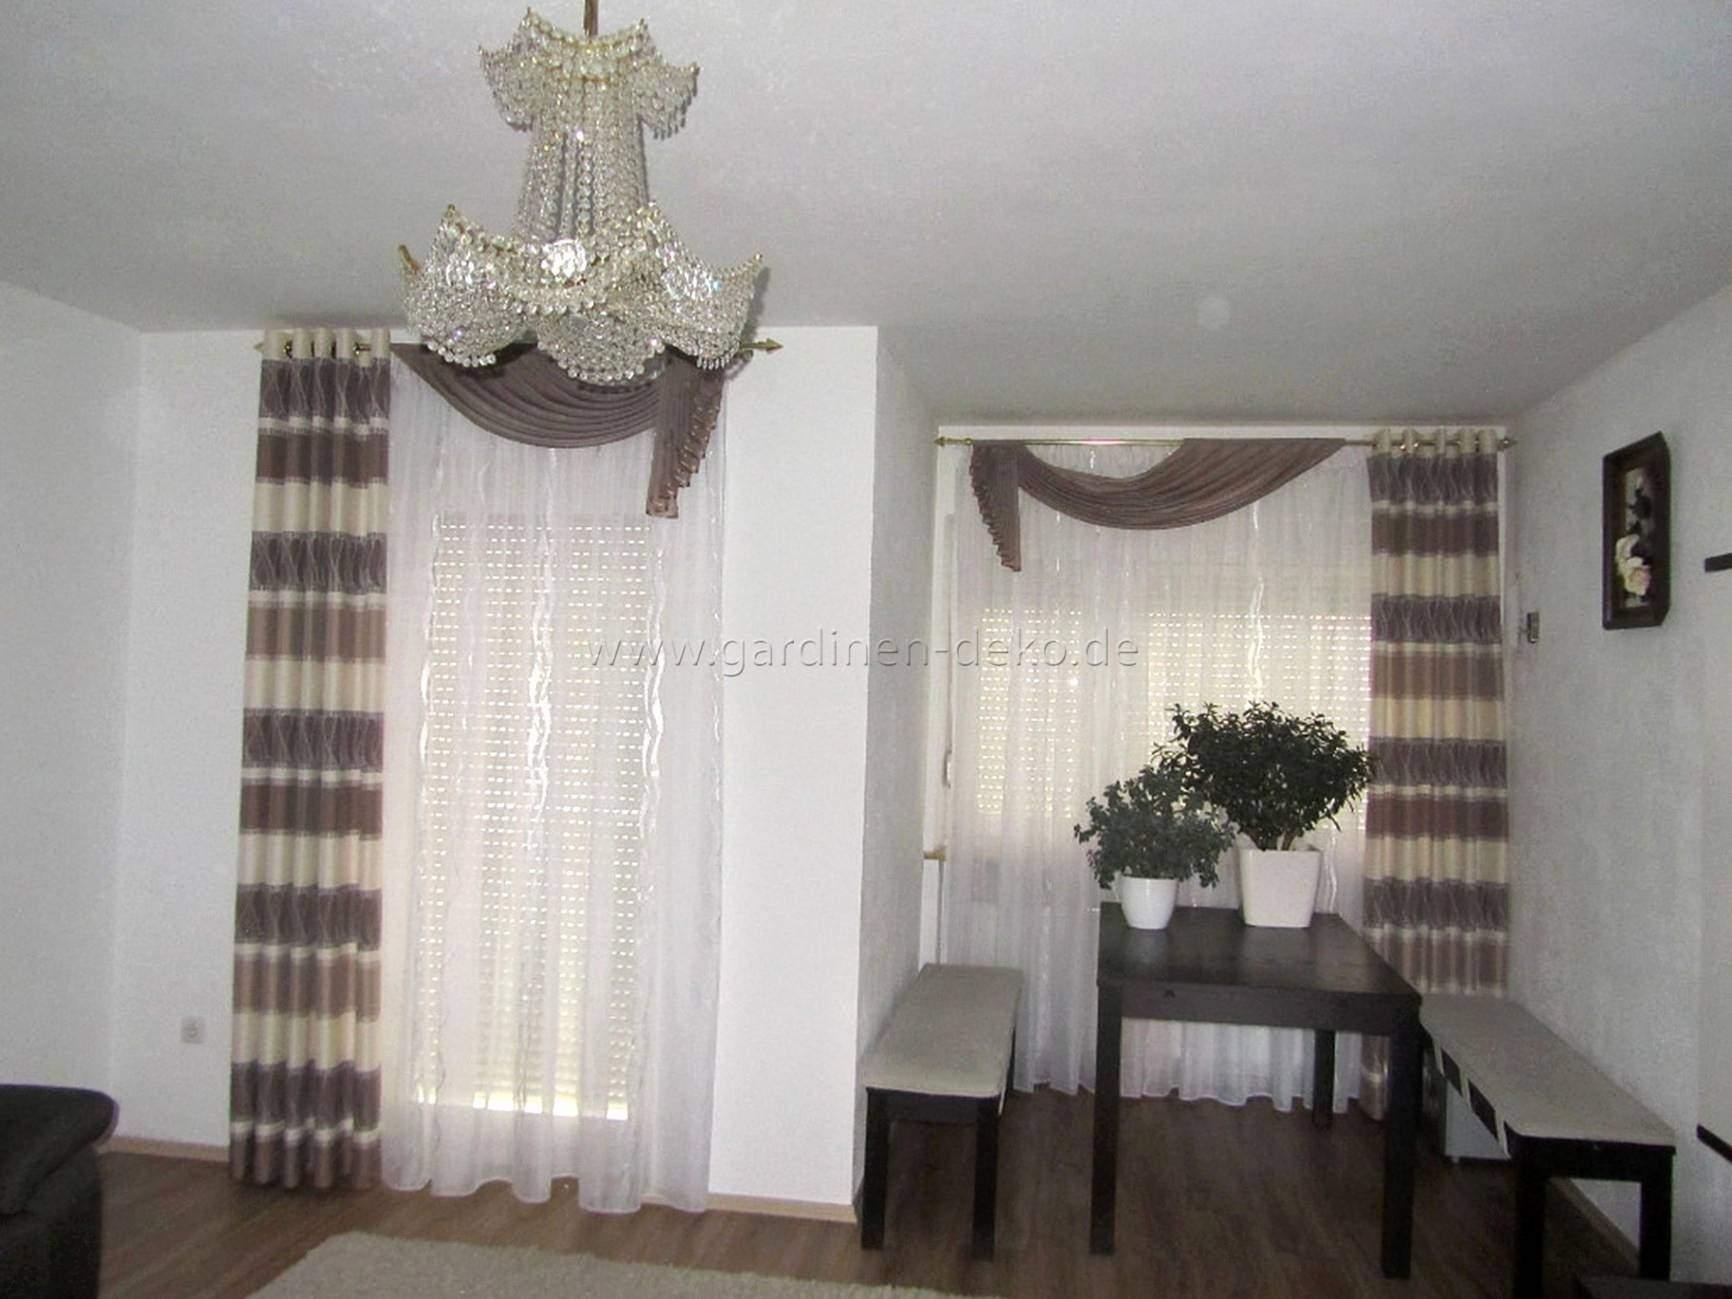 Full Size of Wohnzimmer Gardinen Trends Kurz Vorhnge Edel Doppelfenster Küche Fenster Für Schlafzimmer Die Scheibengardinen Wohnzimmer Gardinen Doppelfenster